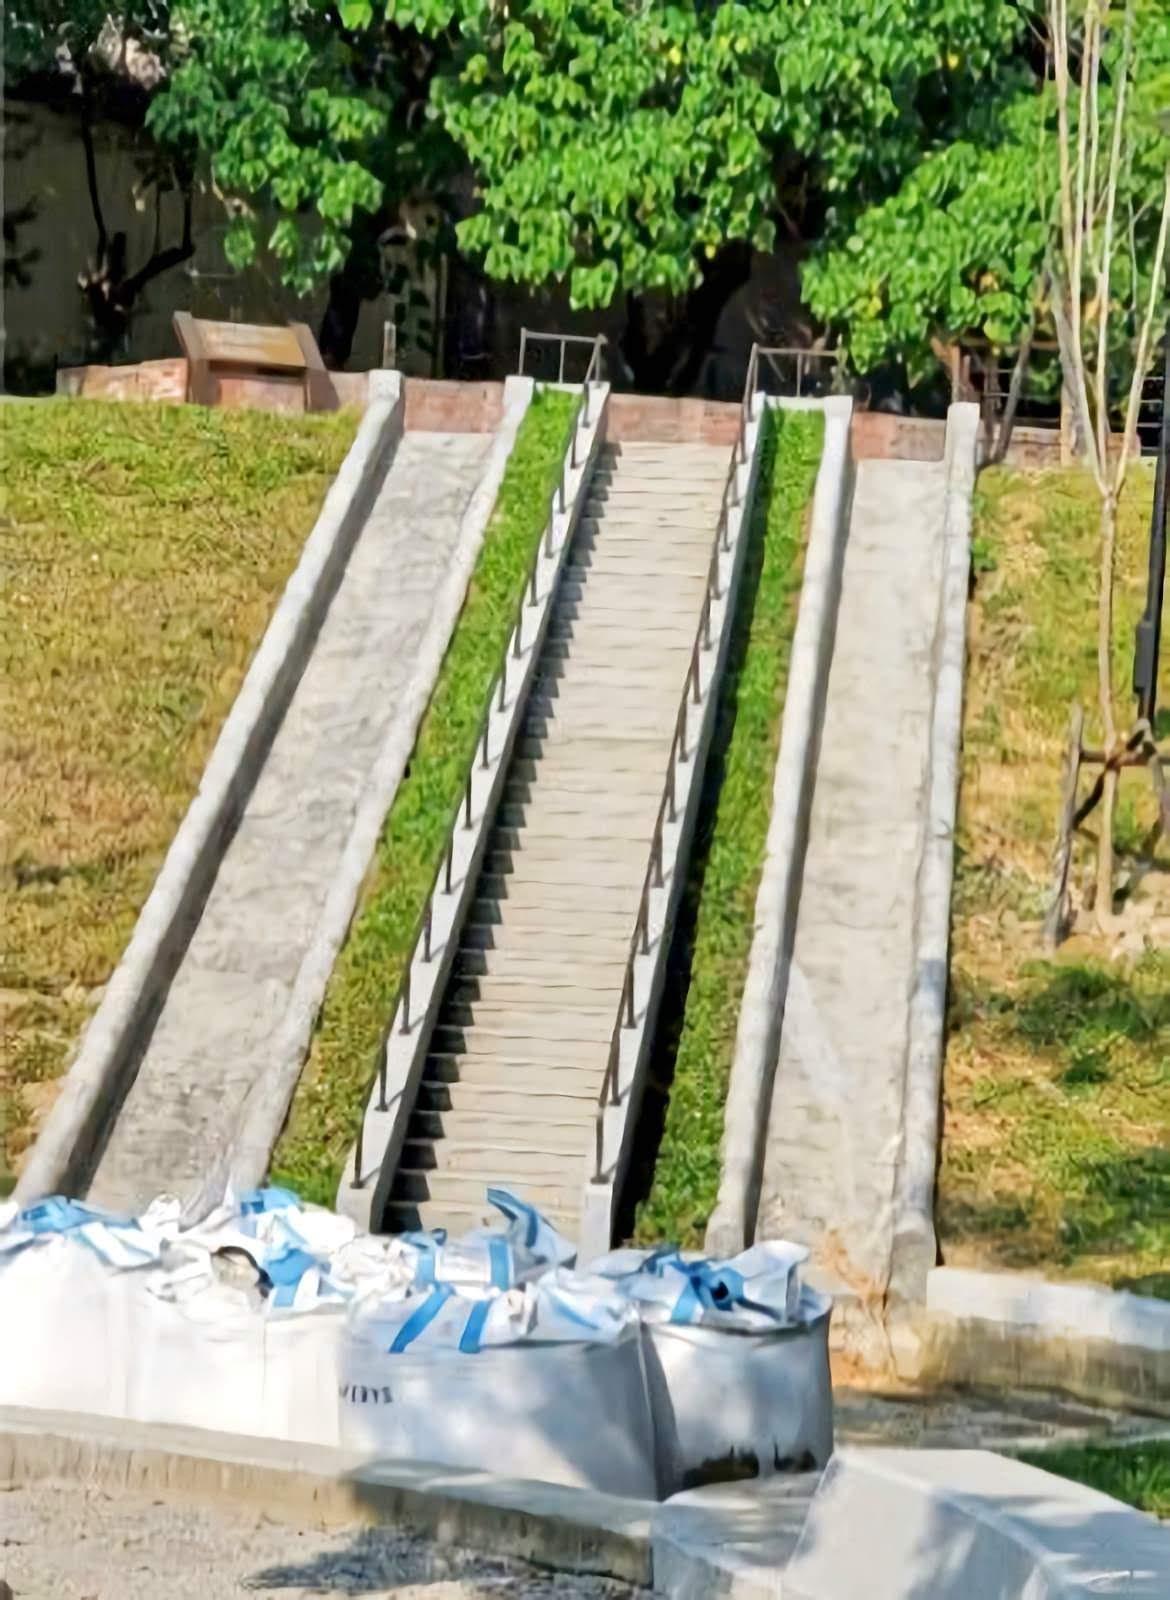 台南最長地景式溜滑梯的特色公園|永康公7公園12月中開幕